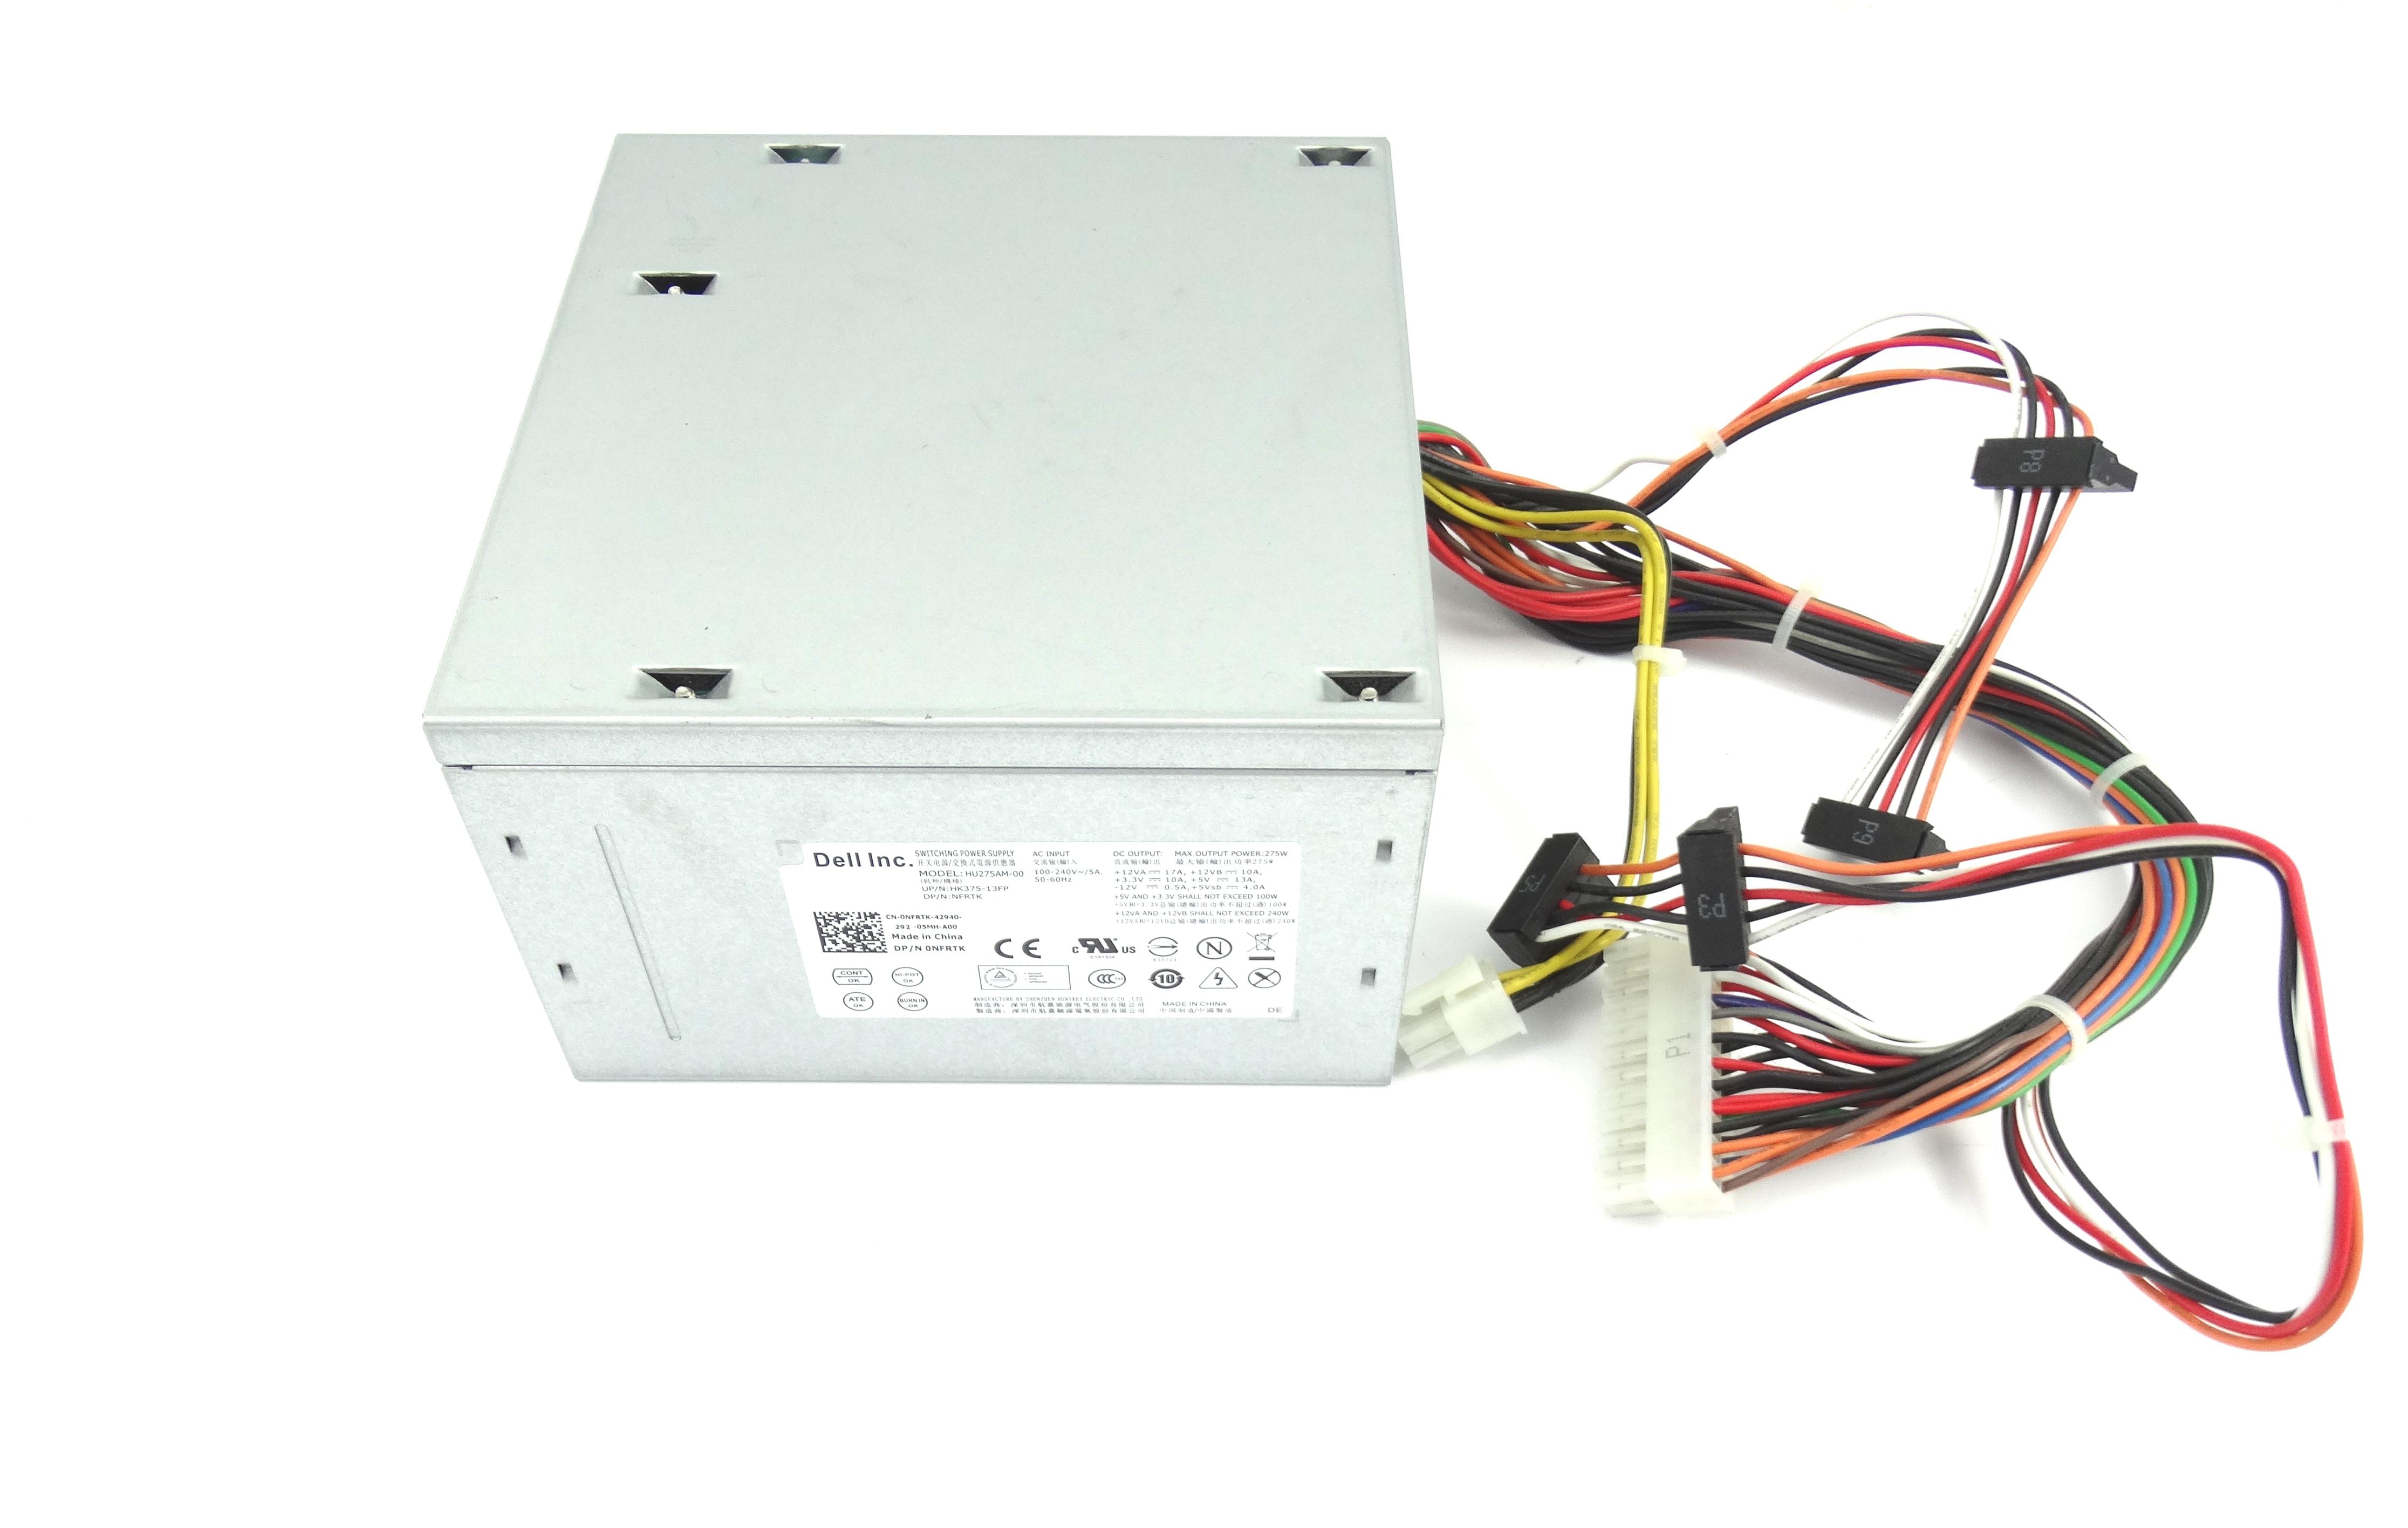 NFRTK Dell 275W Hu275Am-00 Switching Power Supply (NFRTK)